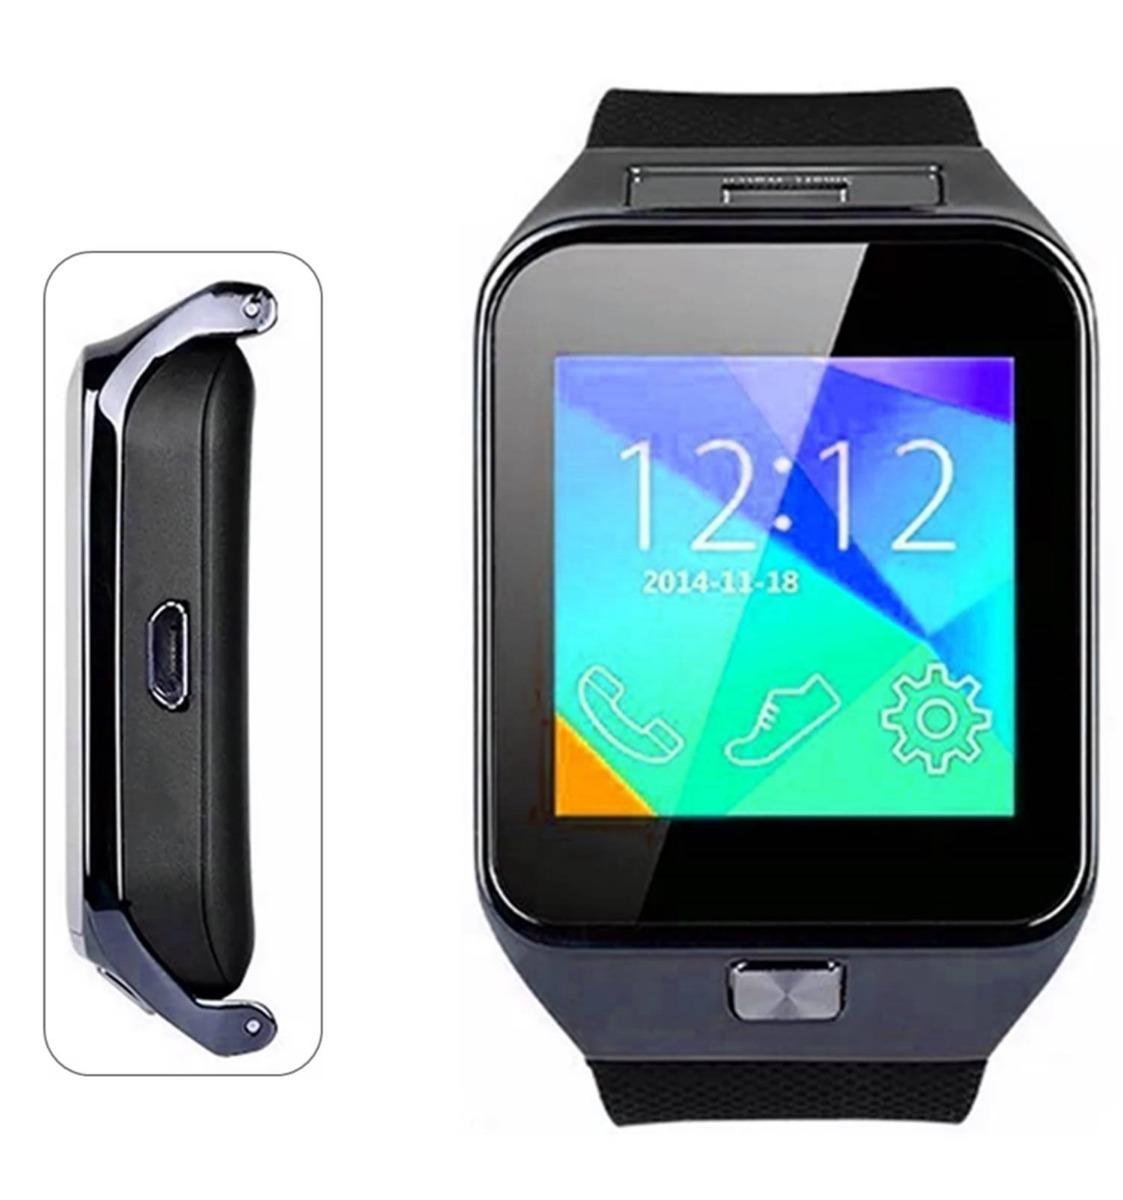 e9e62b3b1d9 relógio celular bluet dz09 camera android sd desbloqueado nf. Carregando  zoom.